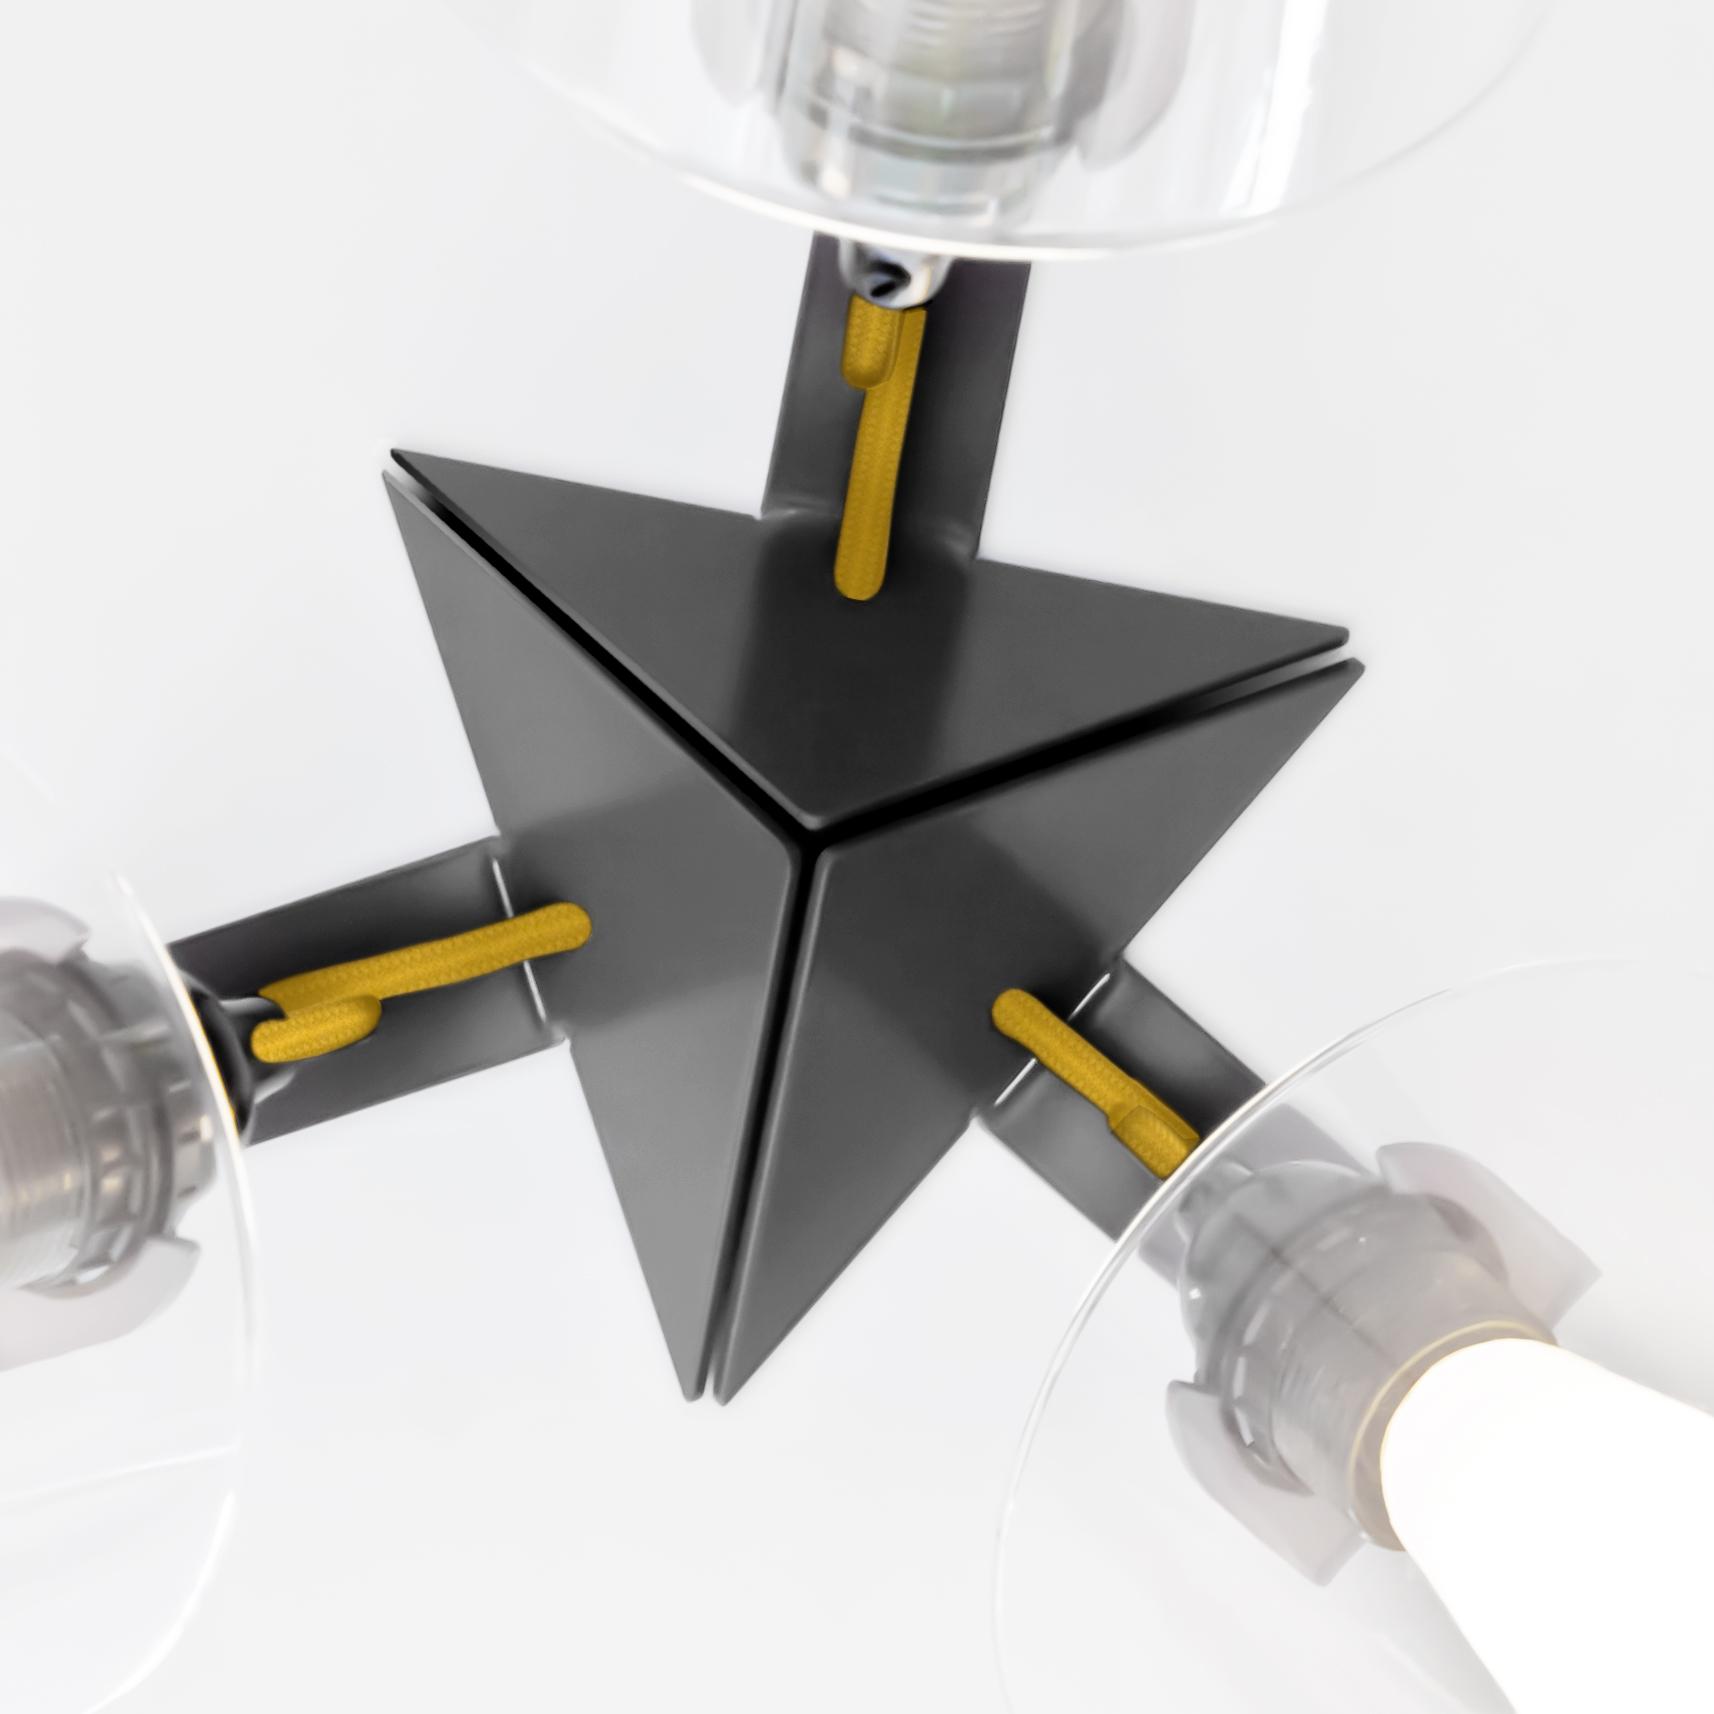 drei Metallbügel bilden an der Decke eine Pyramide